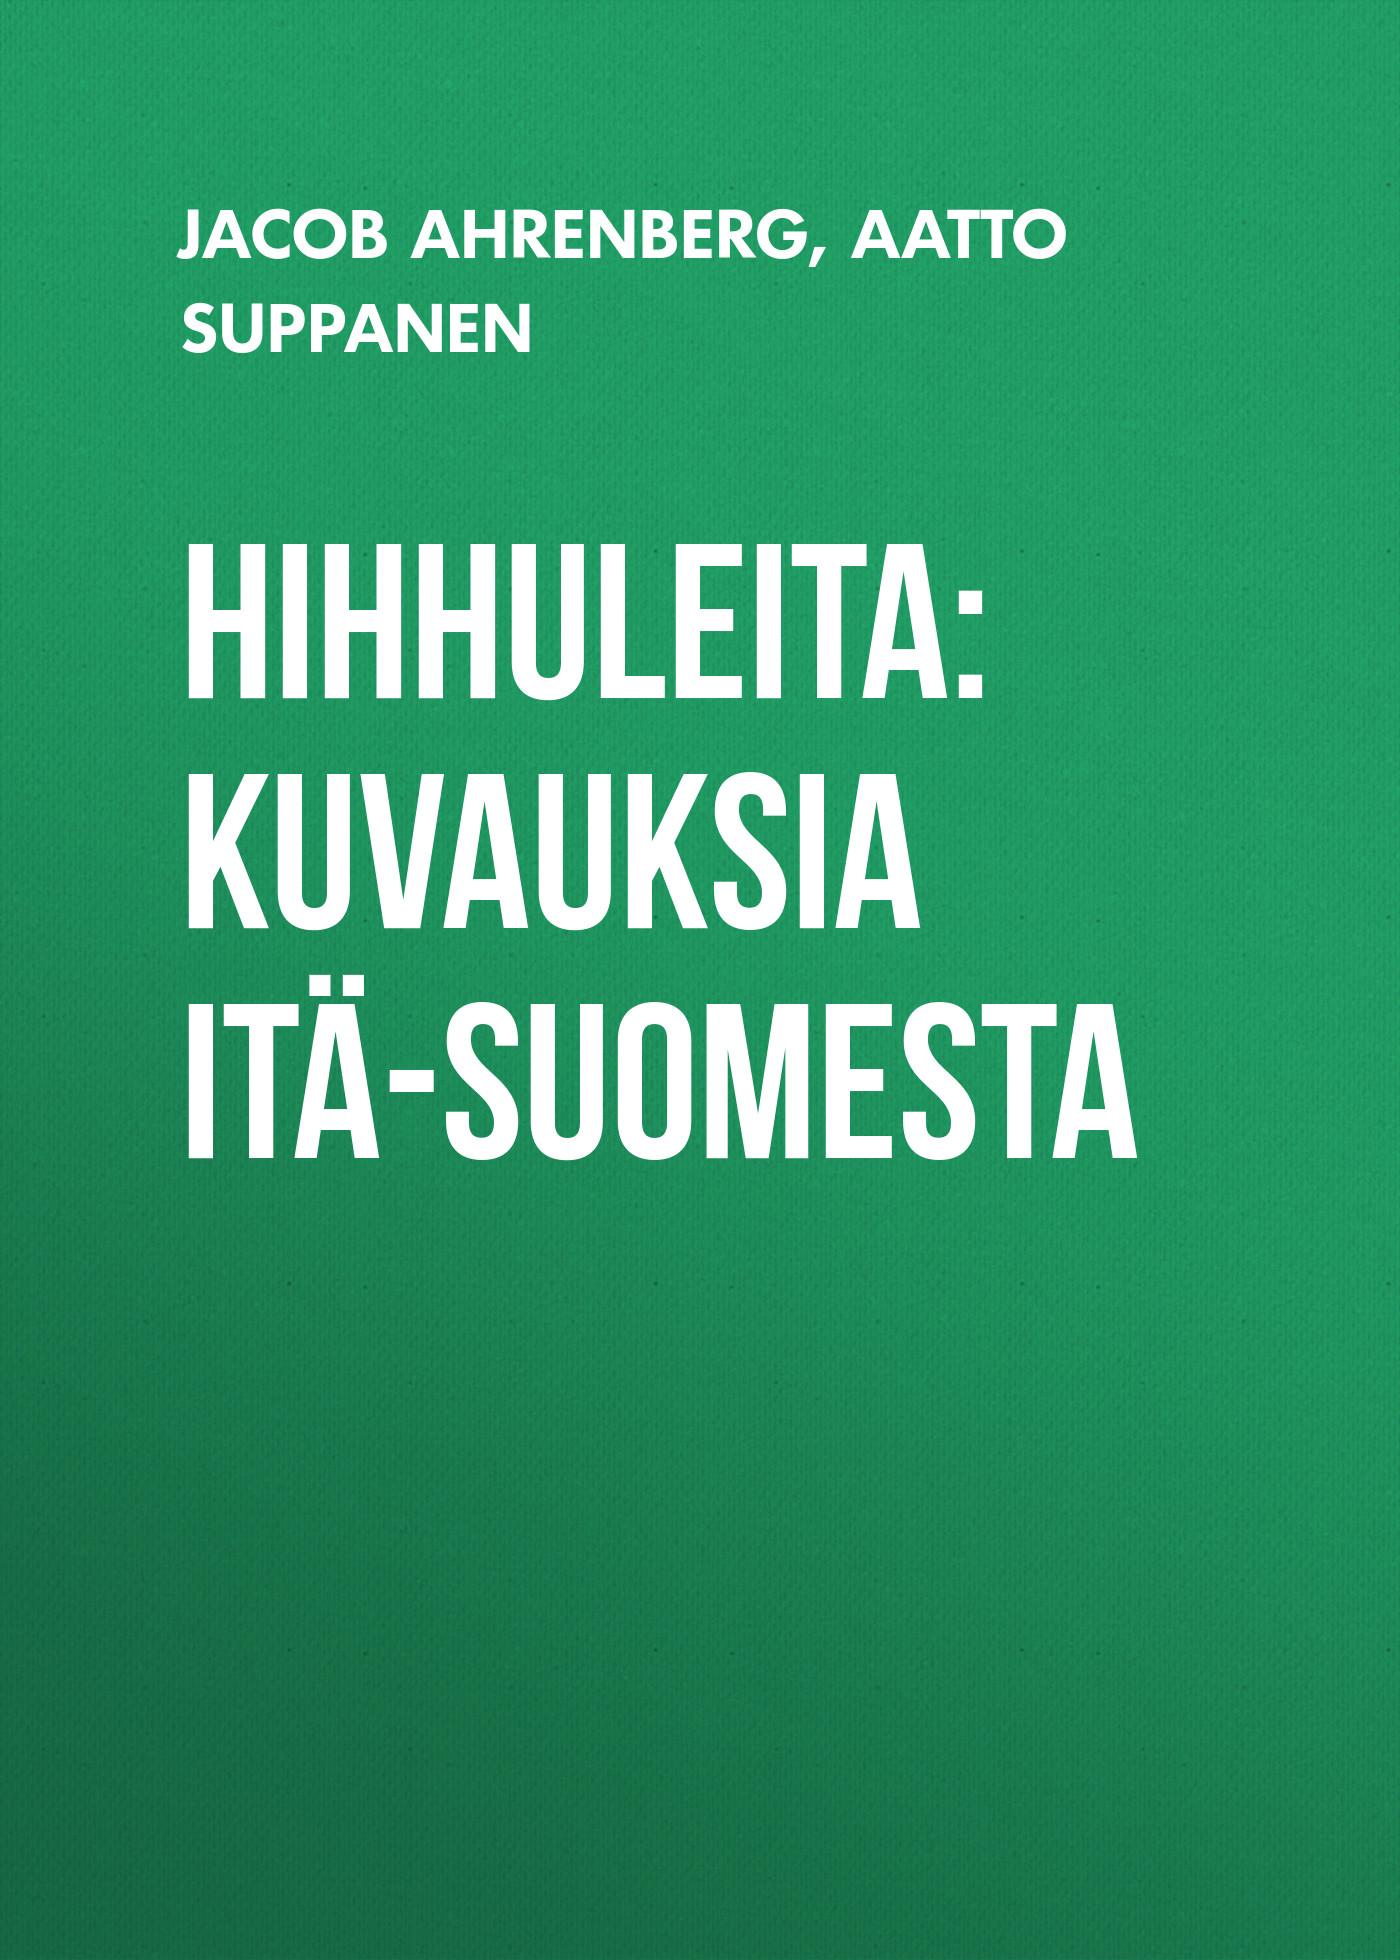 Jacob Ahrenberg Hihhuleita: Kuvauksia Itä-Suomesta jacob ahrenberg hihhuleita kuvauksia itä suomesta